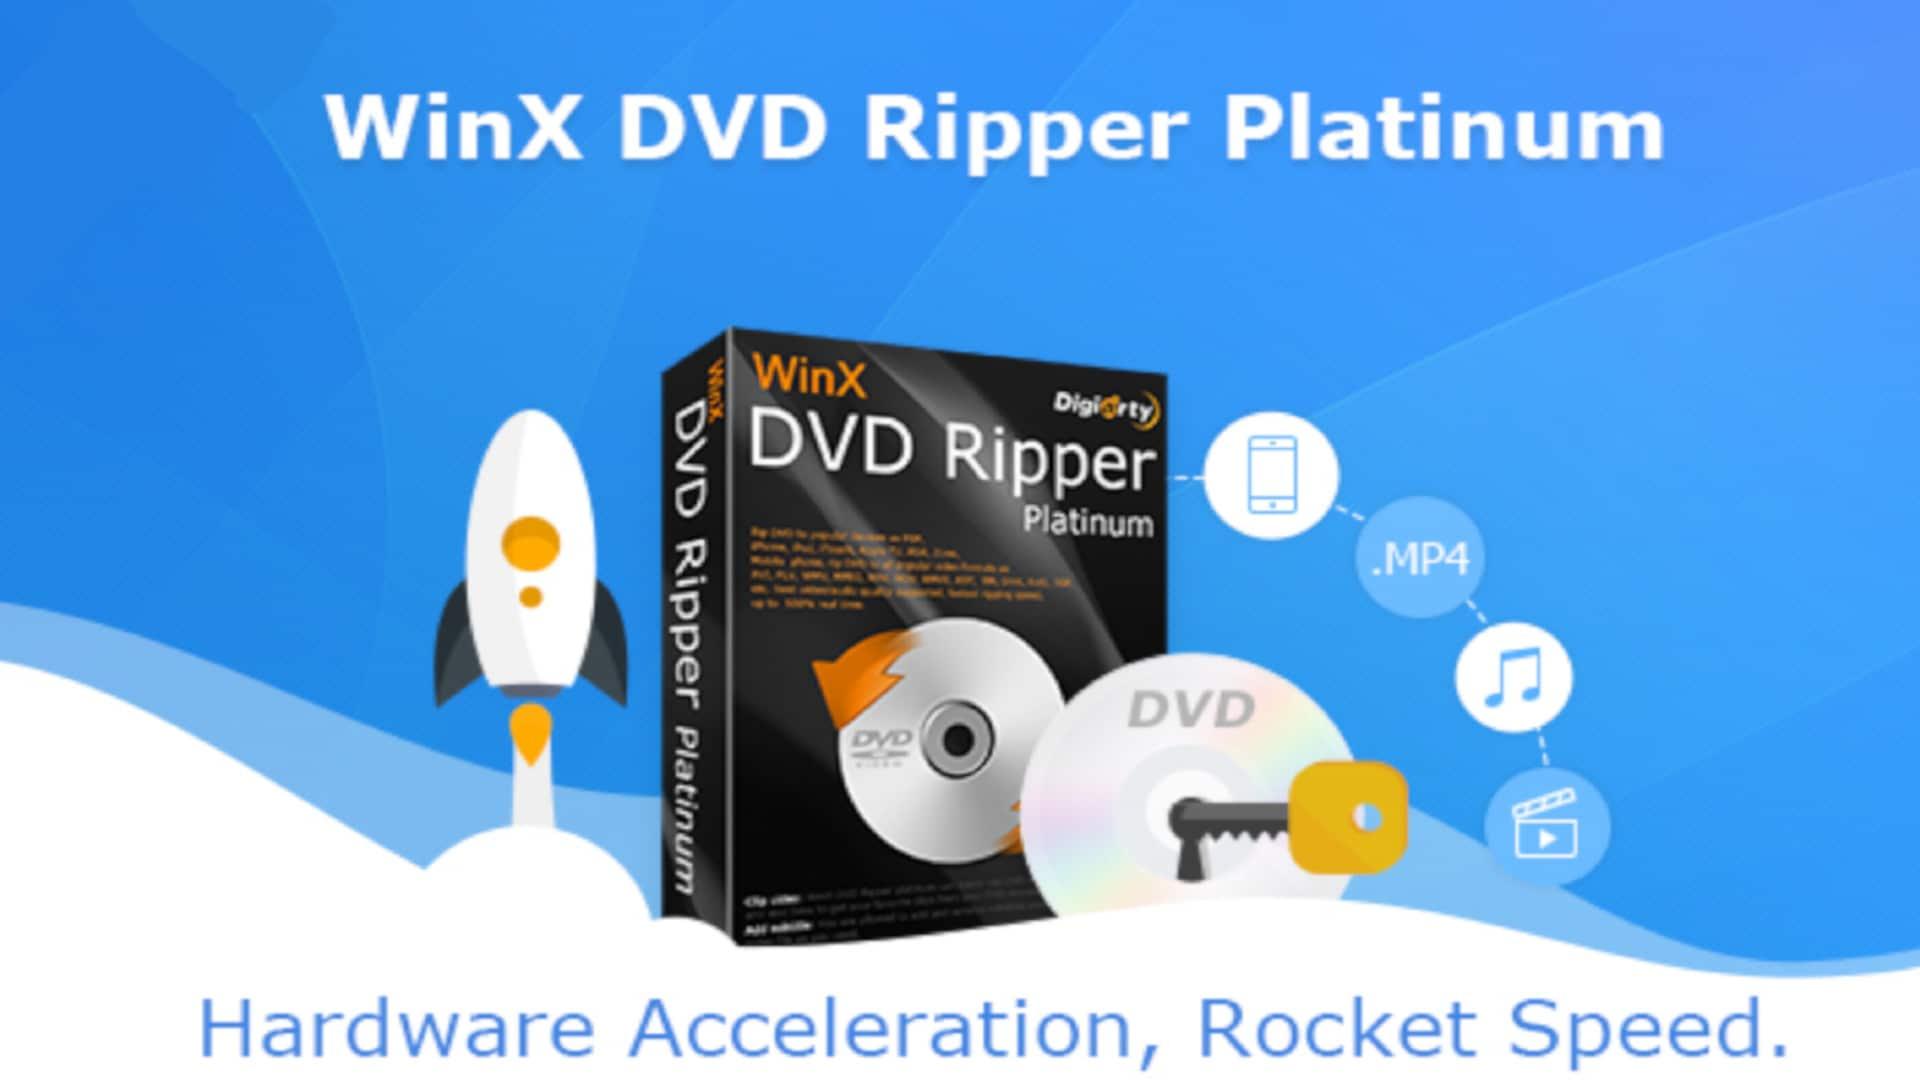 WinX DVD Ripper Platinum 8.20.8.246 Crack [Latest] 2021